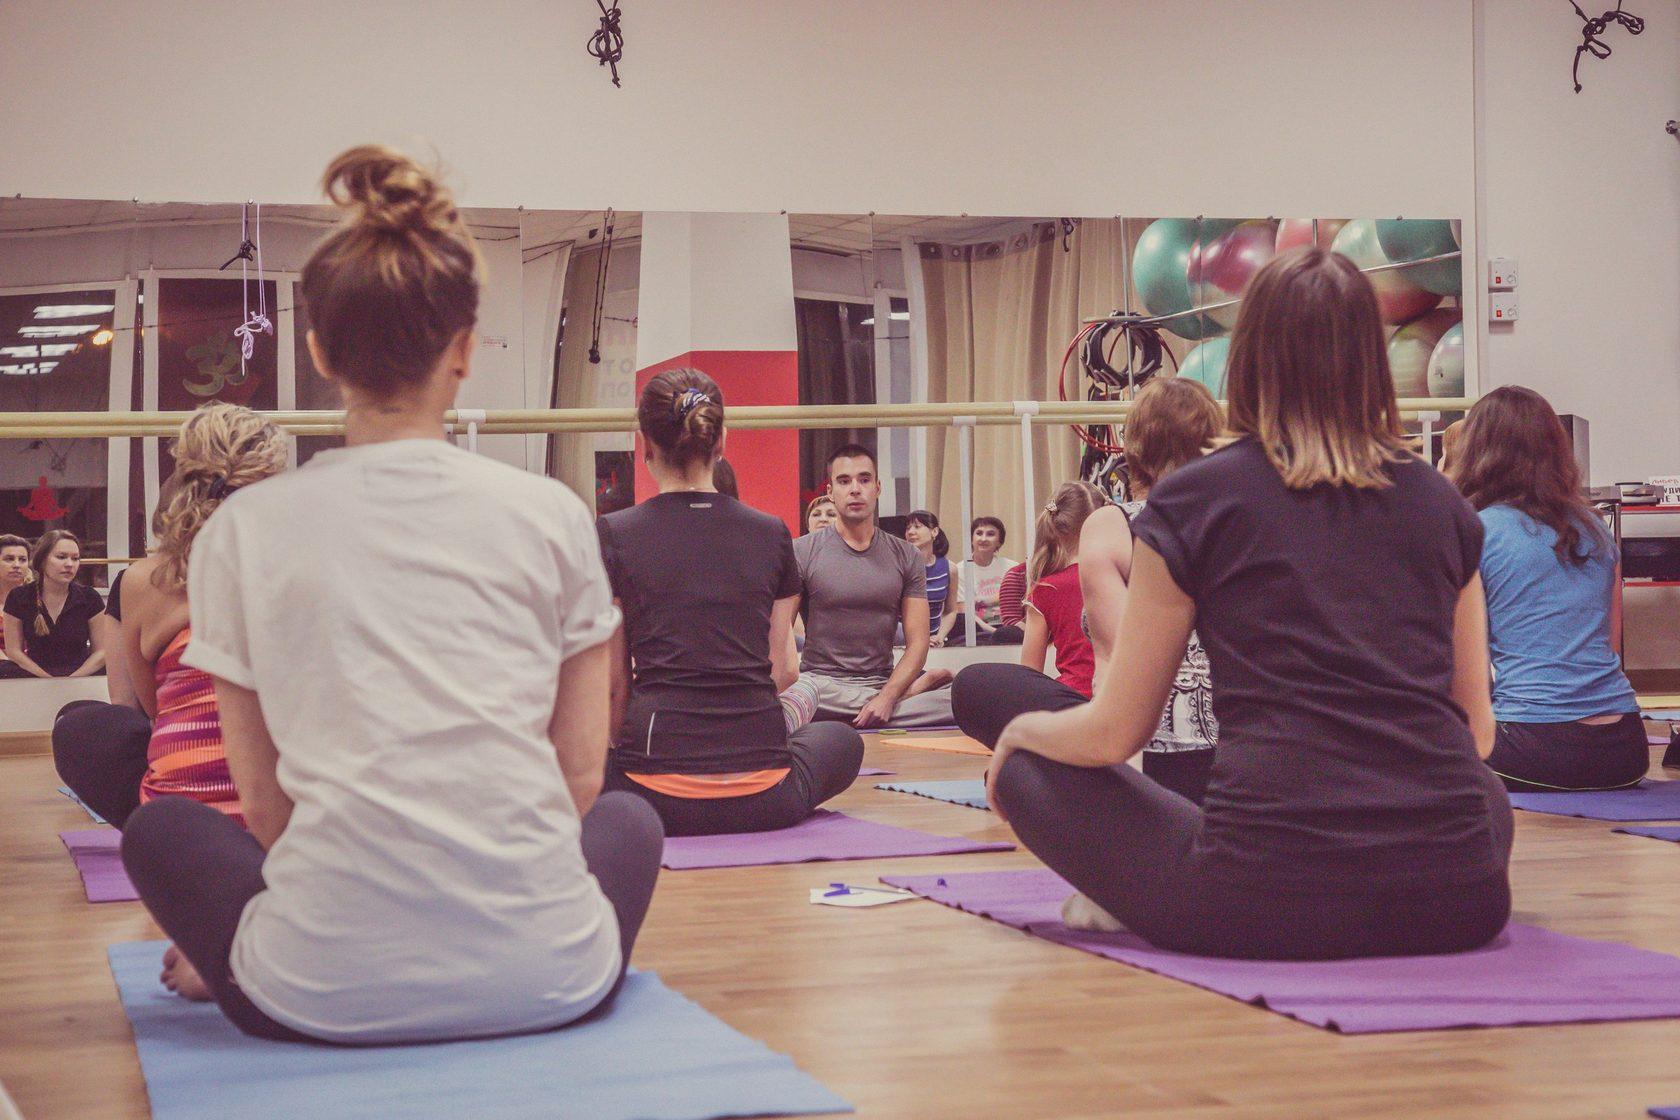 Корпоративная йога, фитнес-йога, фитнес, йога, Сергей Зоркий